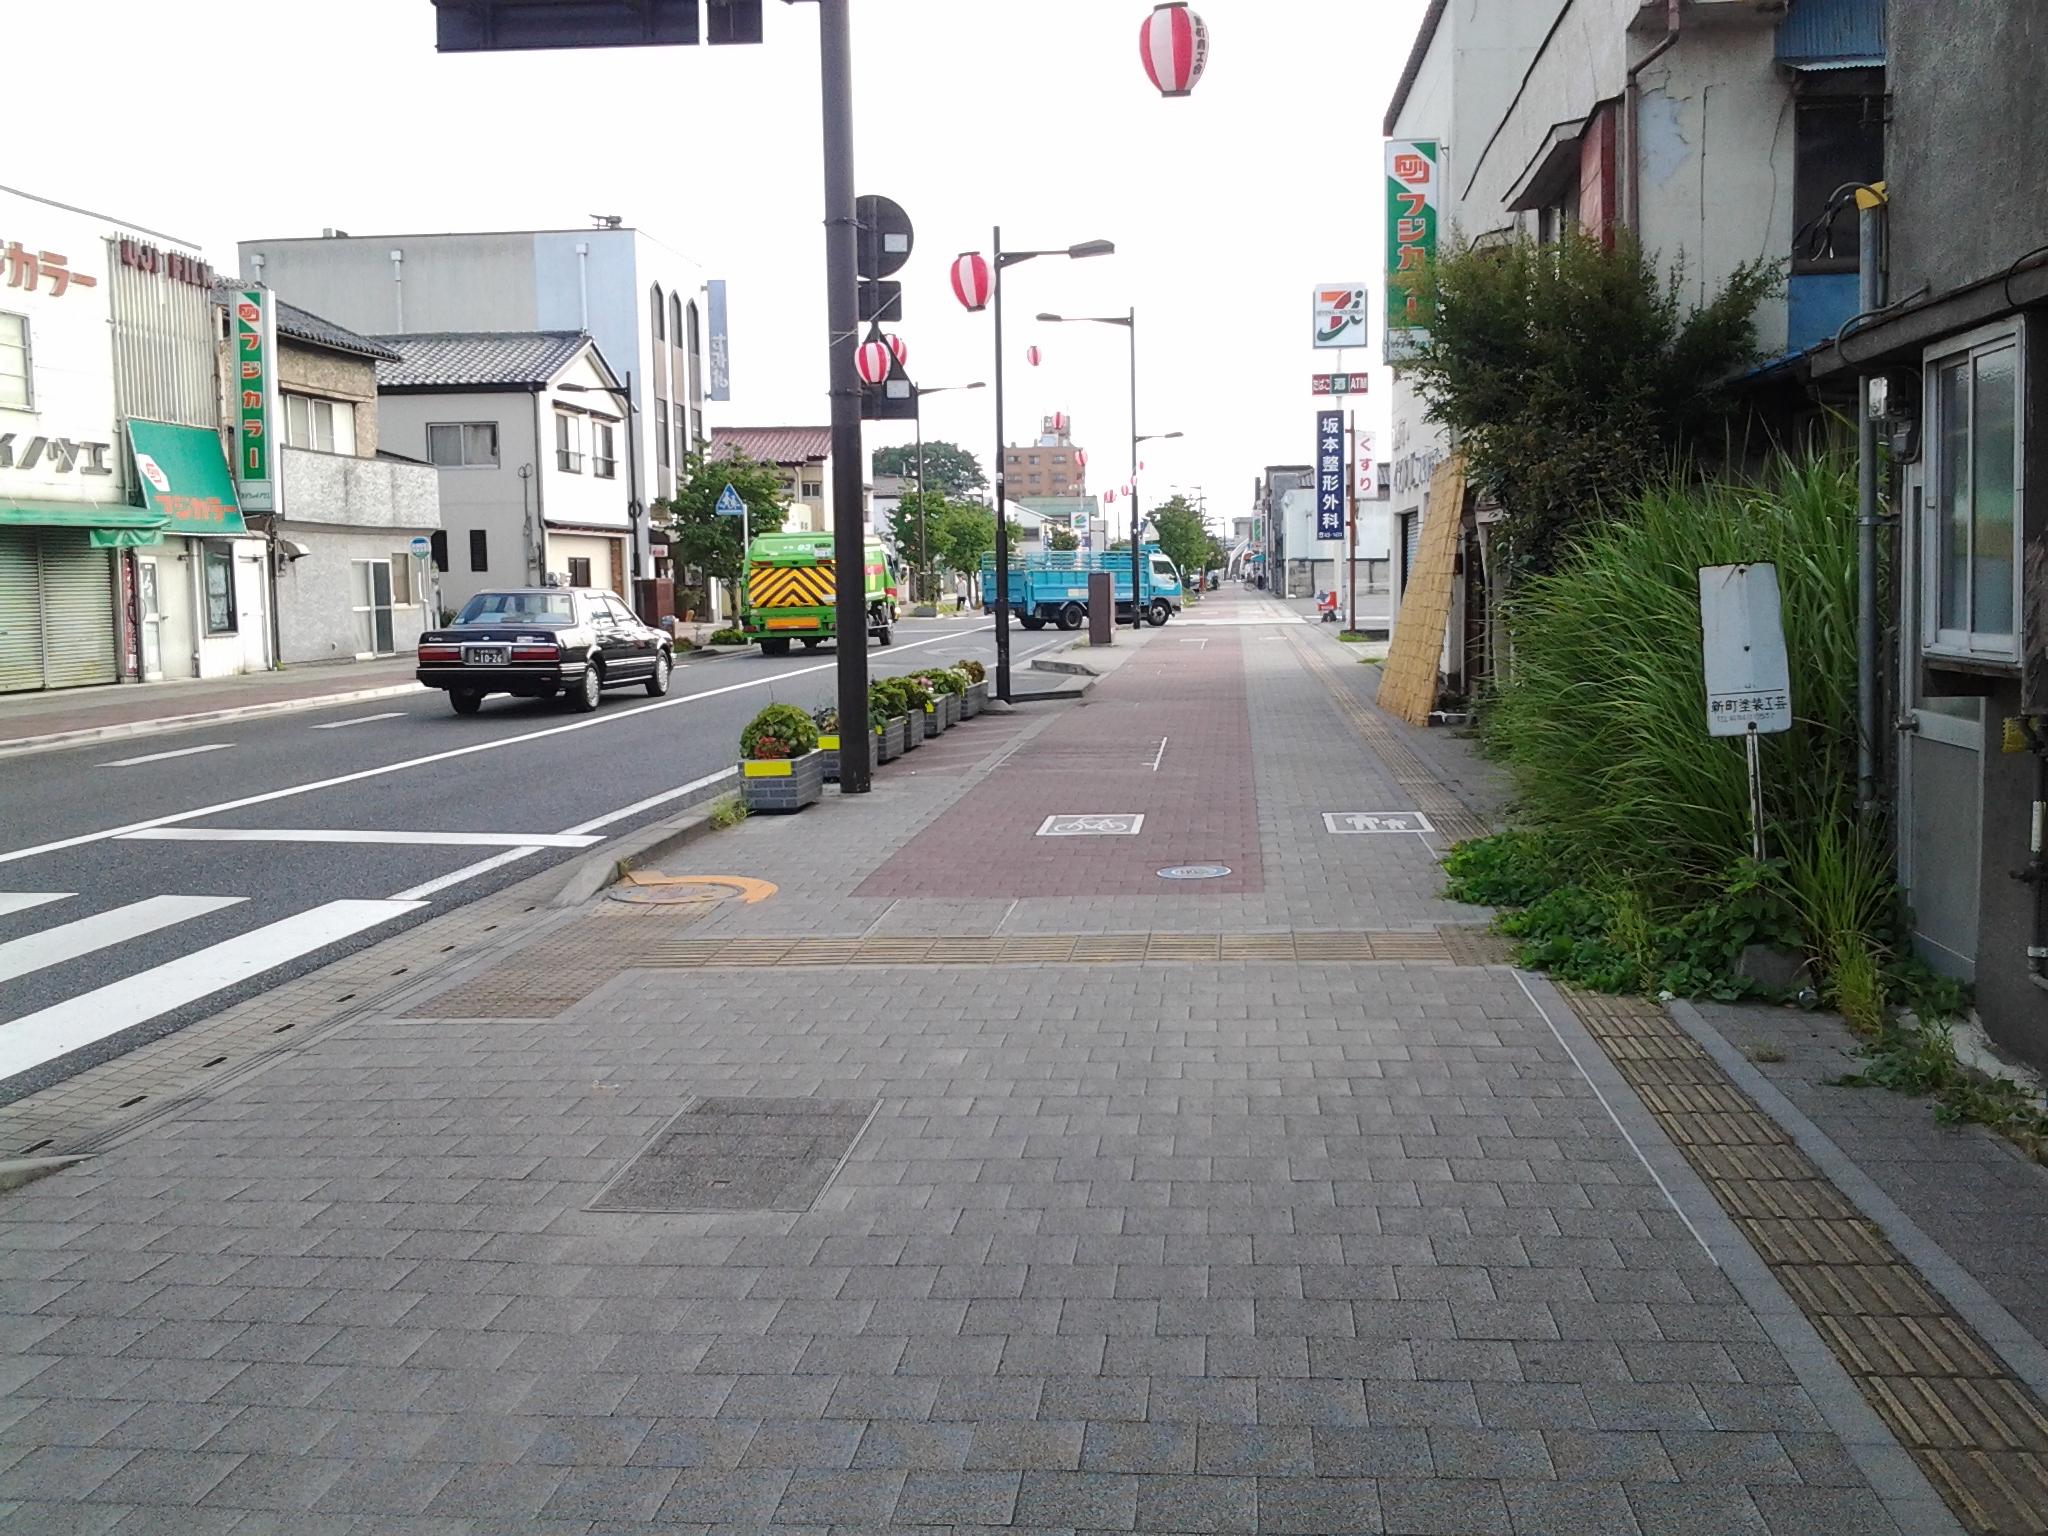 20150805_161338.jpg